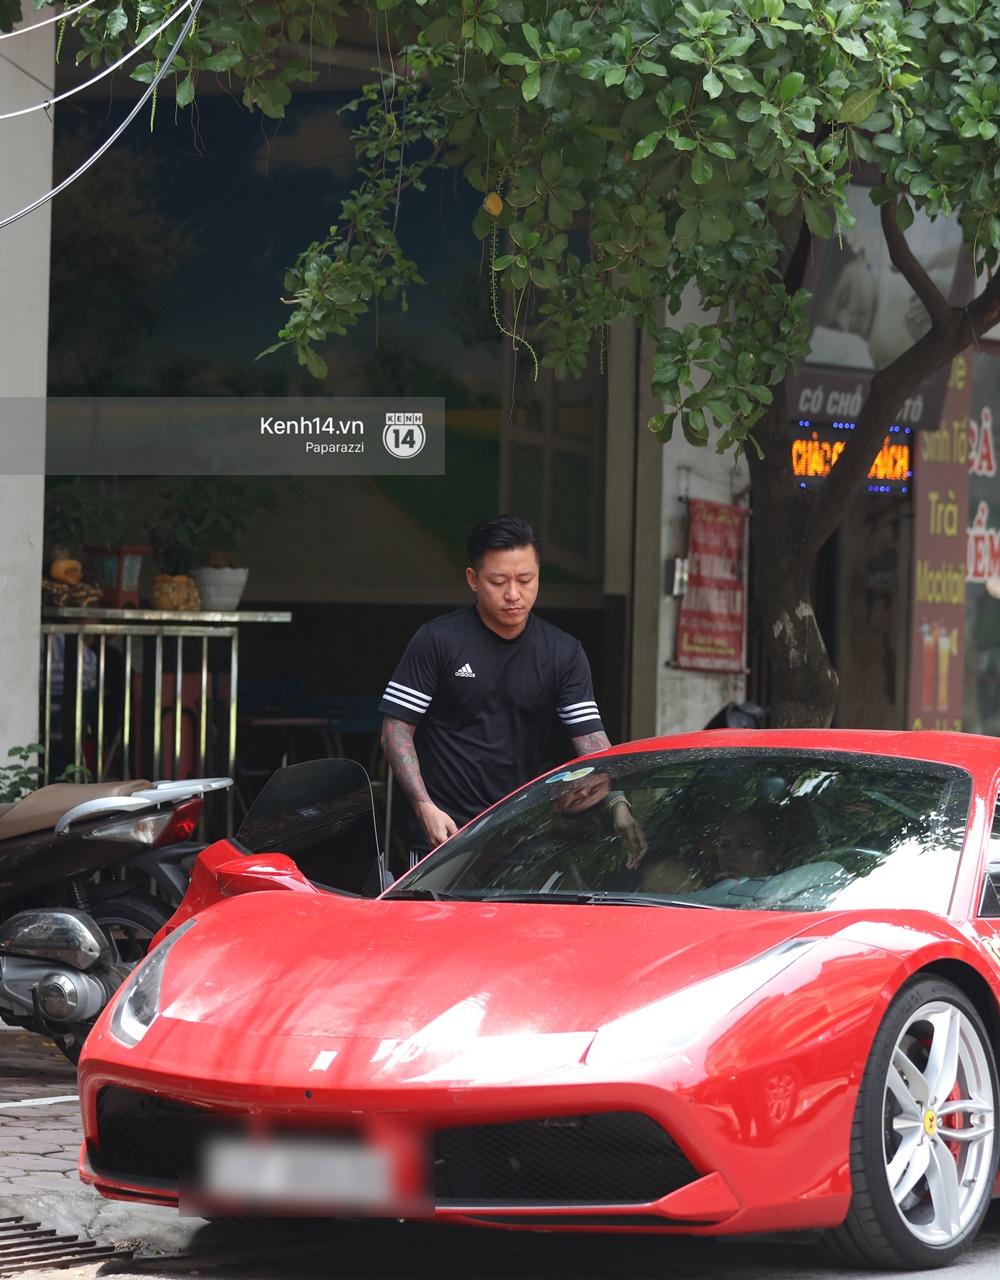 Tuấn Hưng chở vợ bằng xế khủng Ferrari 16 tỷ mới tậu nổi bật trên phố - Ảnh 4.